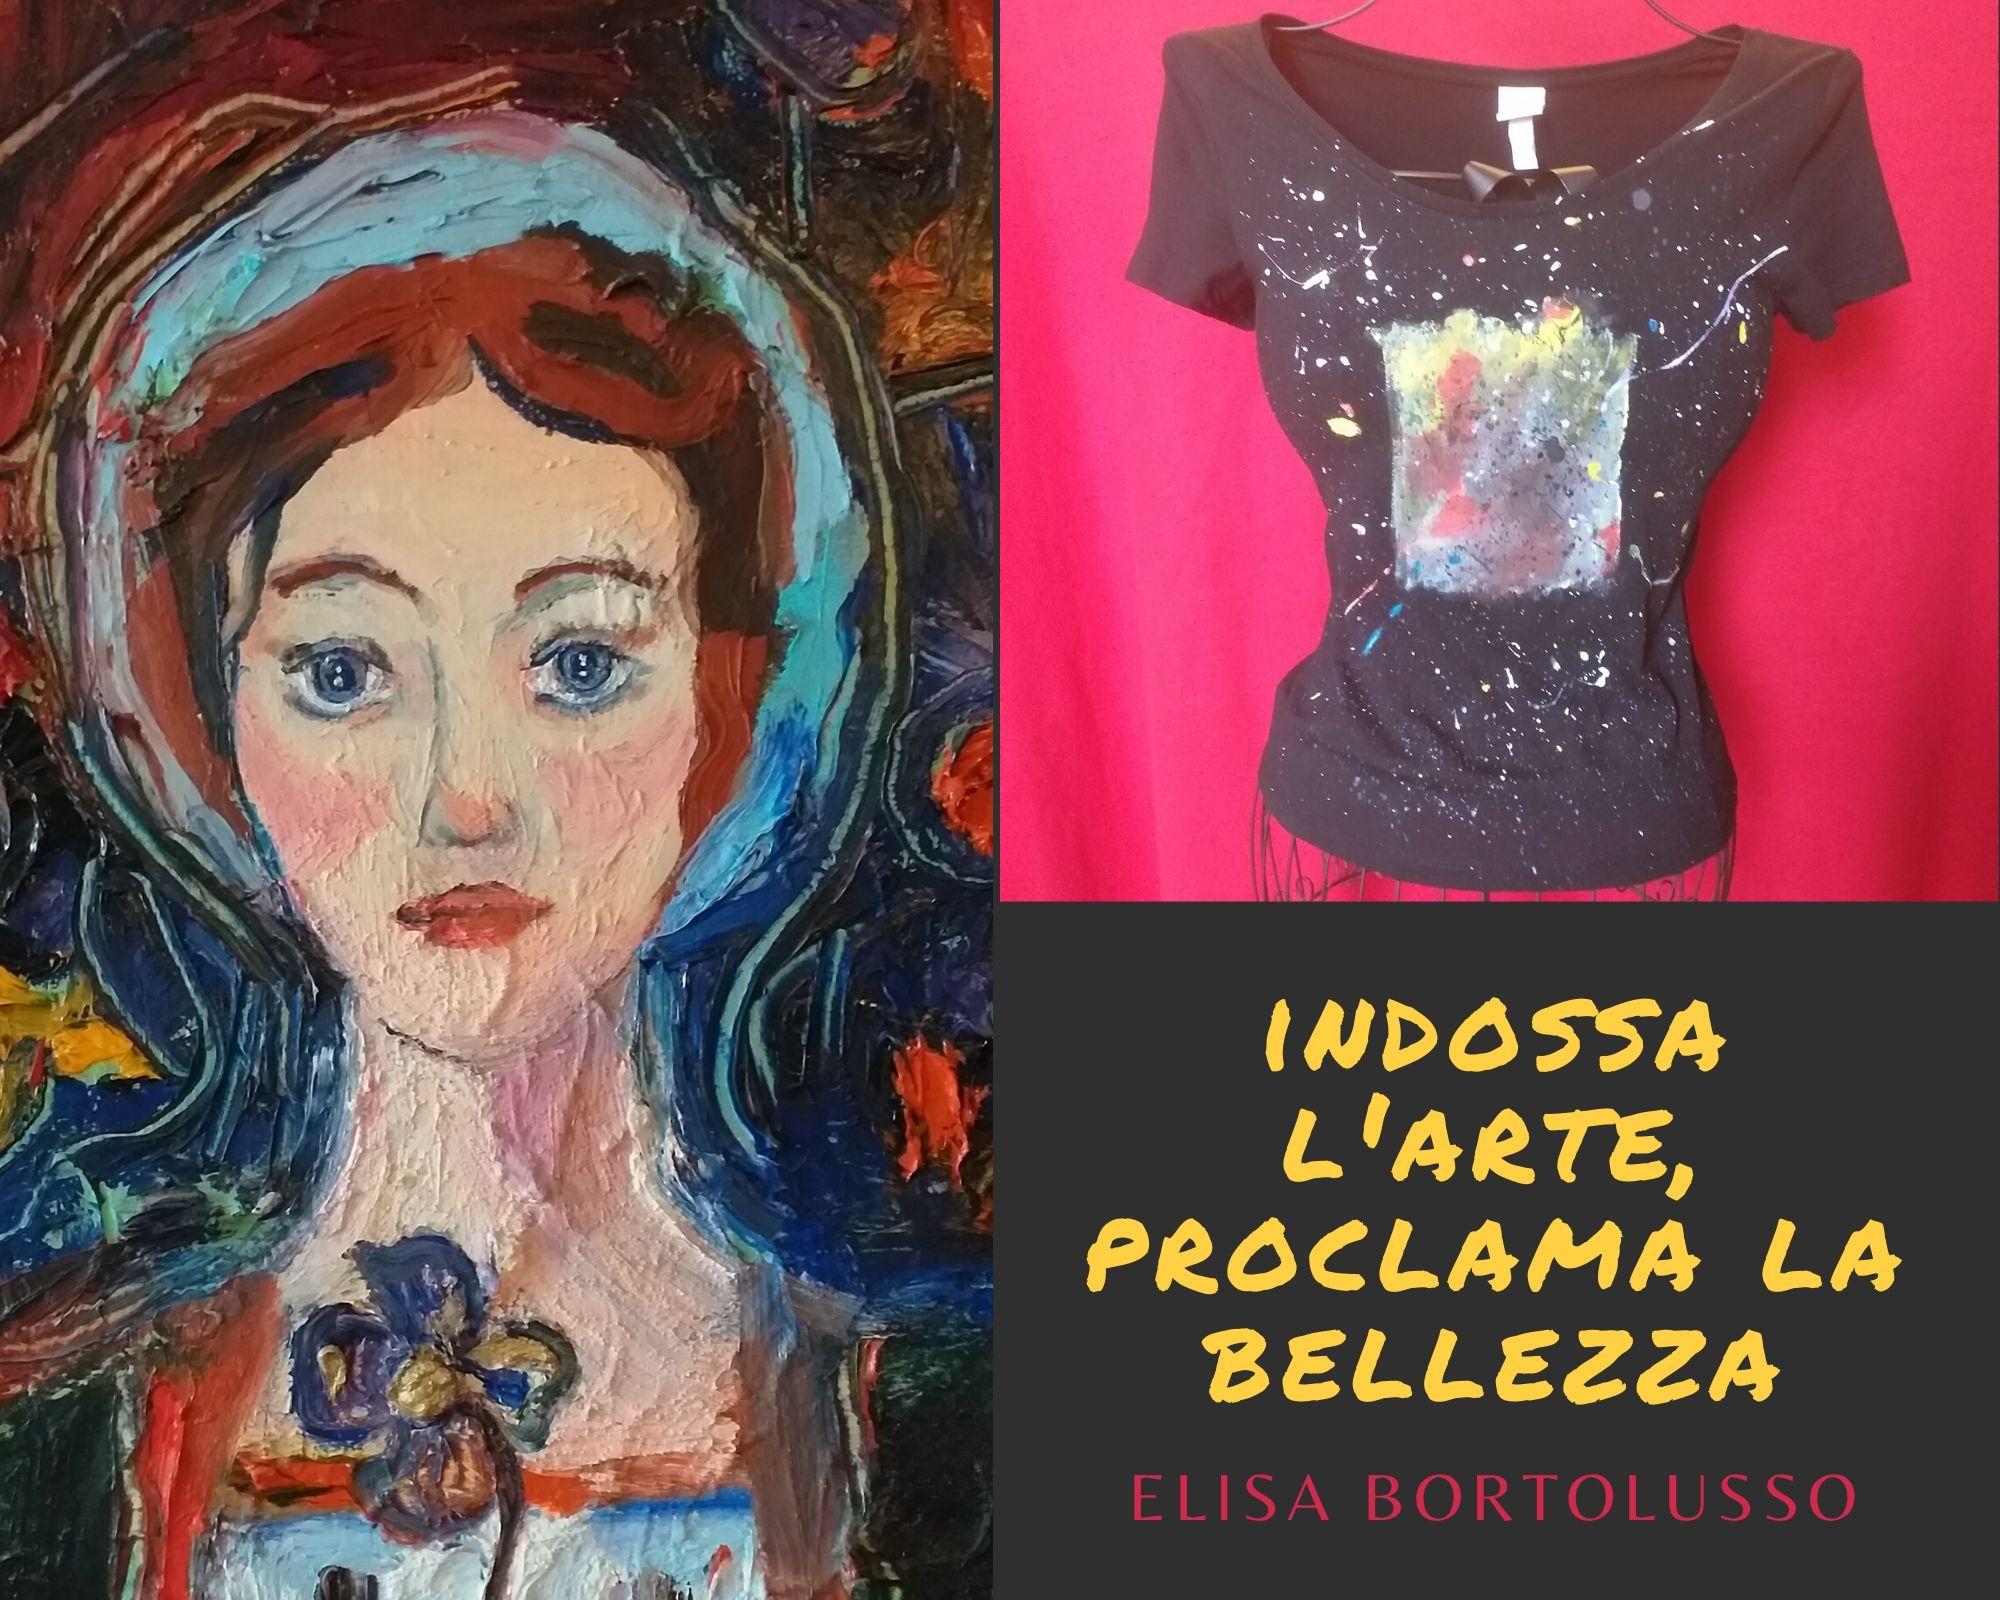 Elisa realizza i suoi quadri e le sue magliette dipinte a mano a San Vito al Tagliamento. Le sue creazioni accompagnano chi le sceglie nel mondo dei grandi, per continuare il loro viaggio in punta di piedi